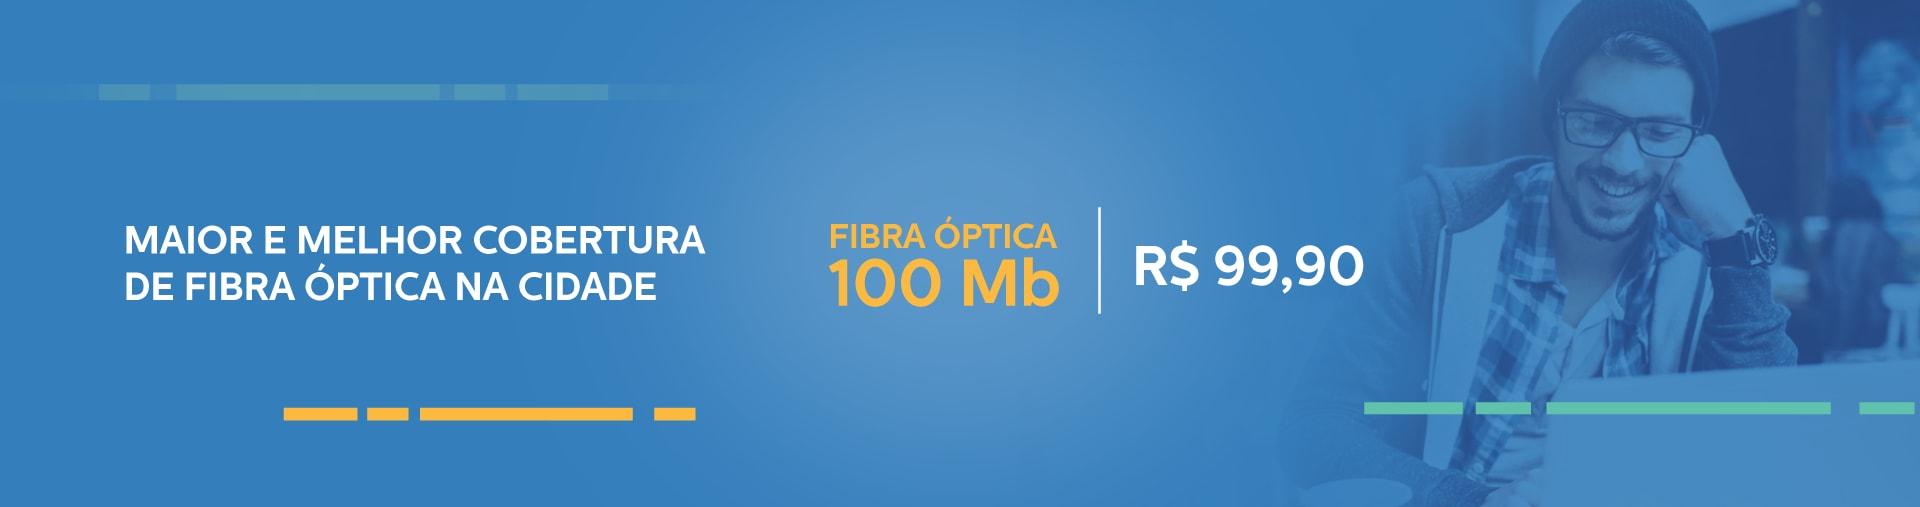 A maior e melhor cobertura em fibra óptica